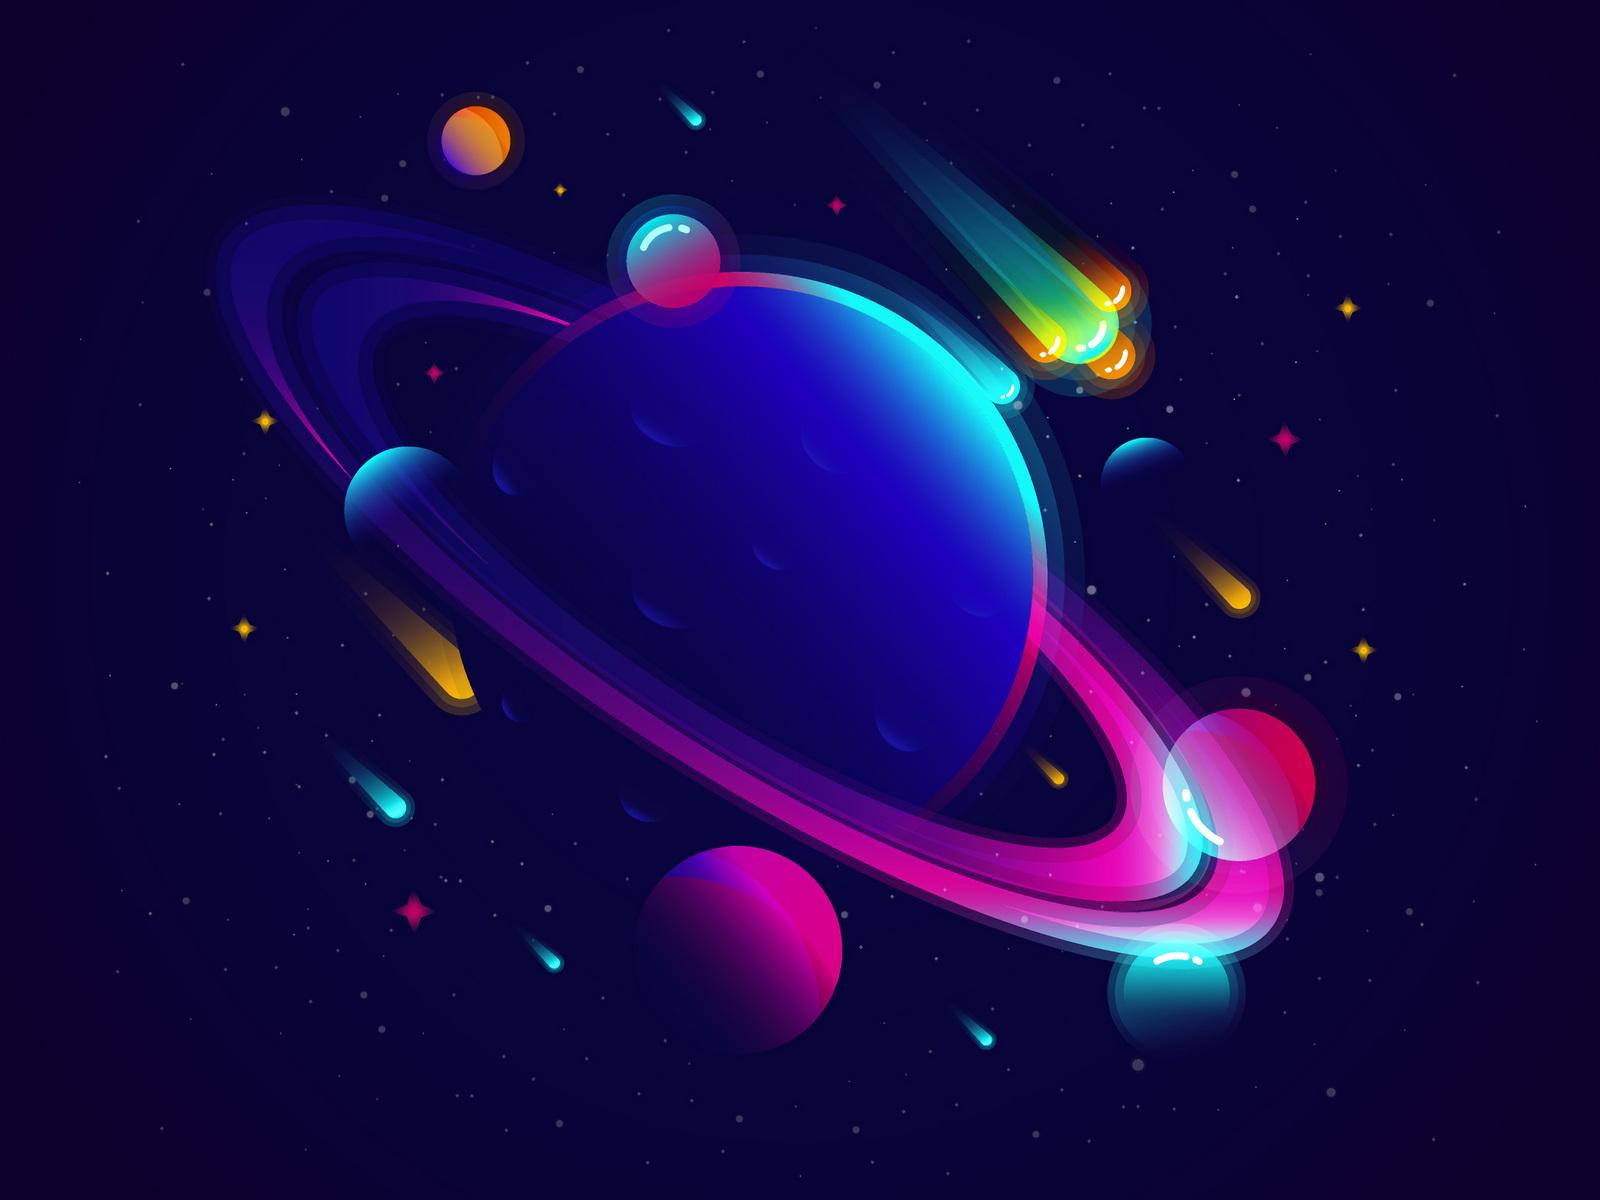 1600x1200 Saturn Planet Illustration Minimalist 1600x1200